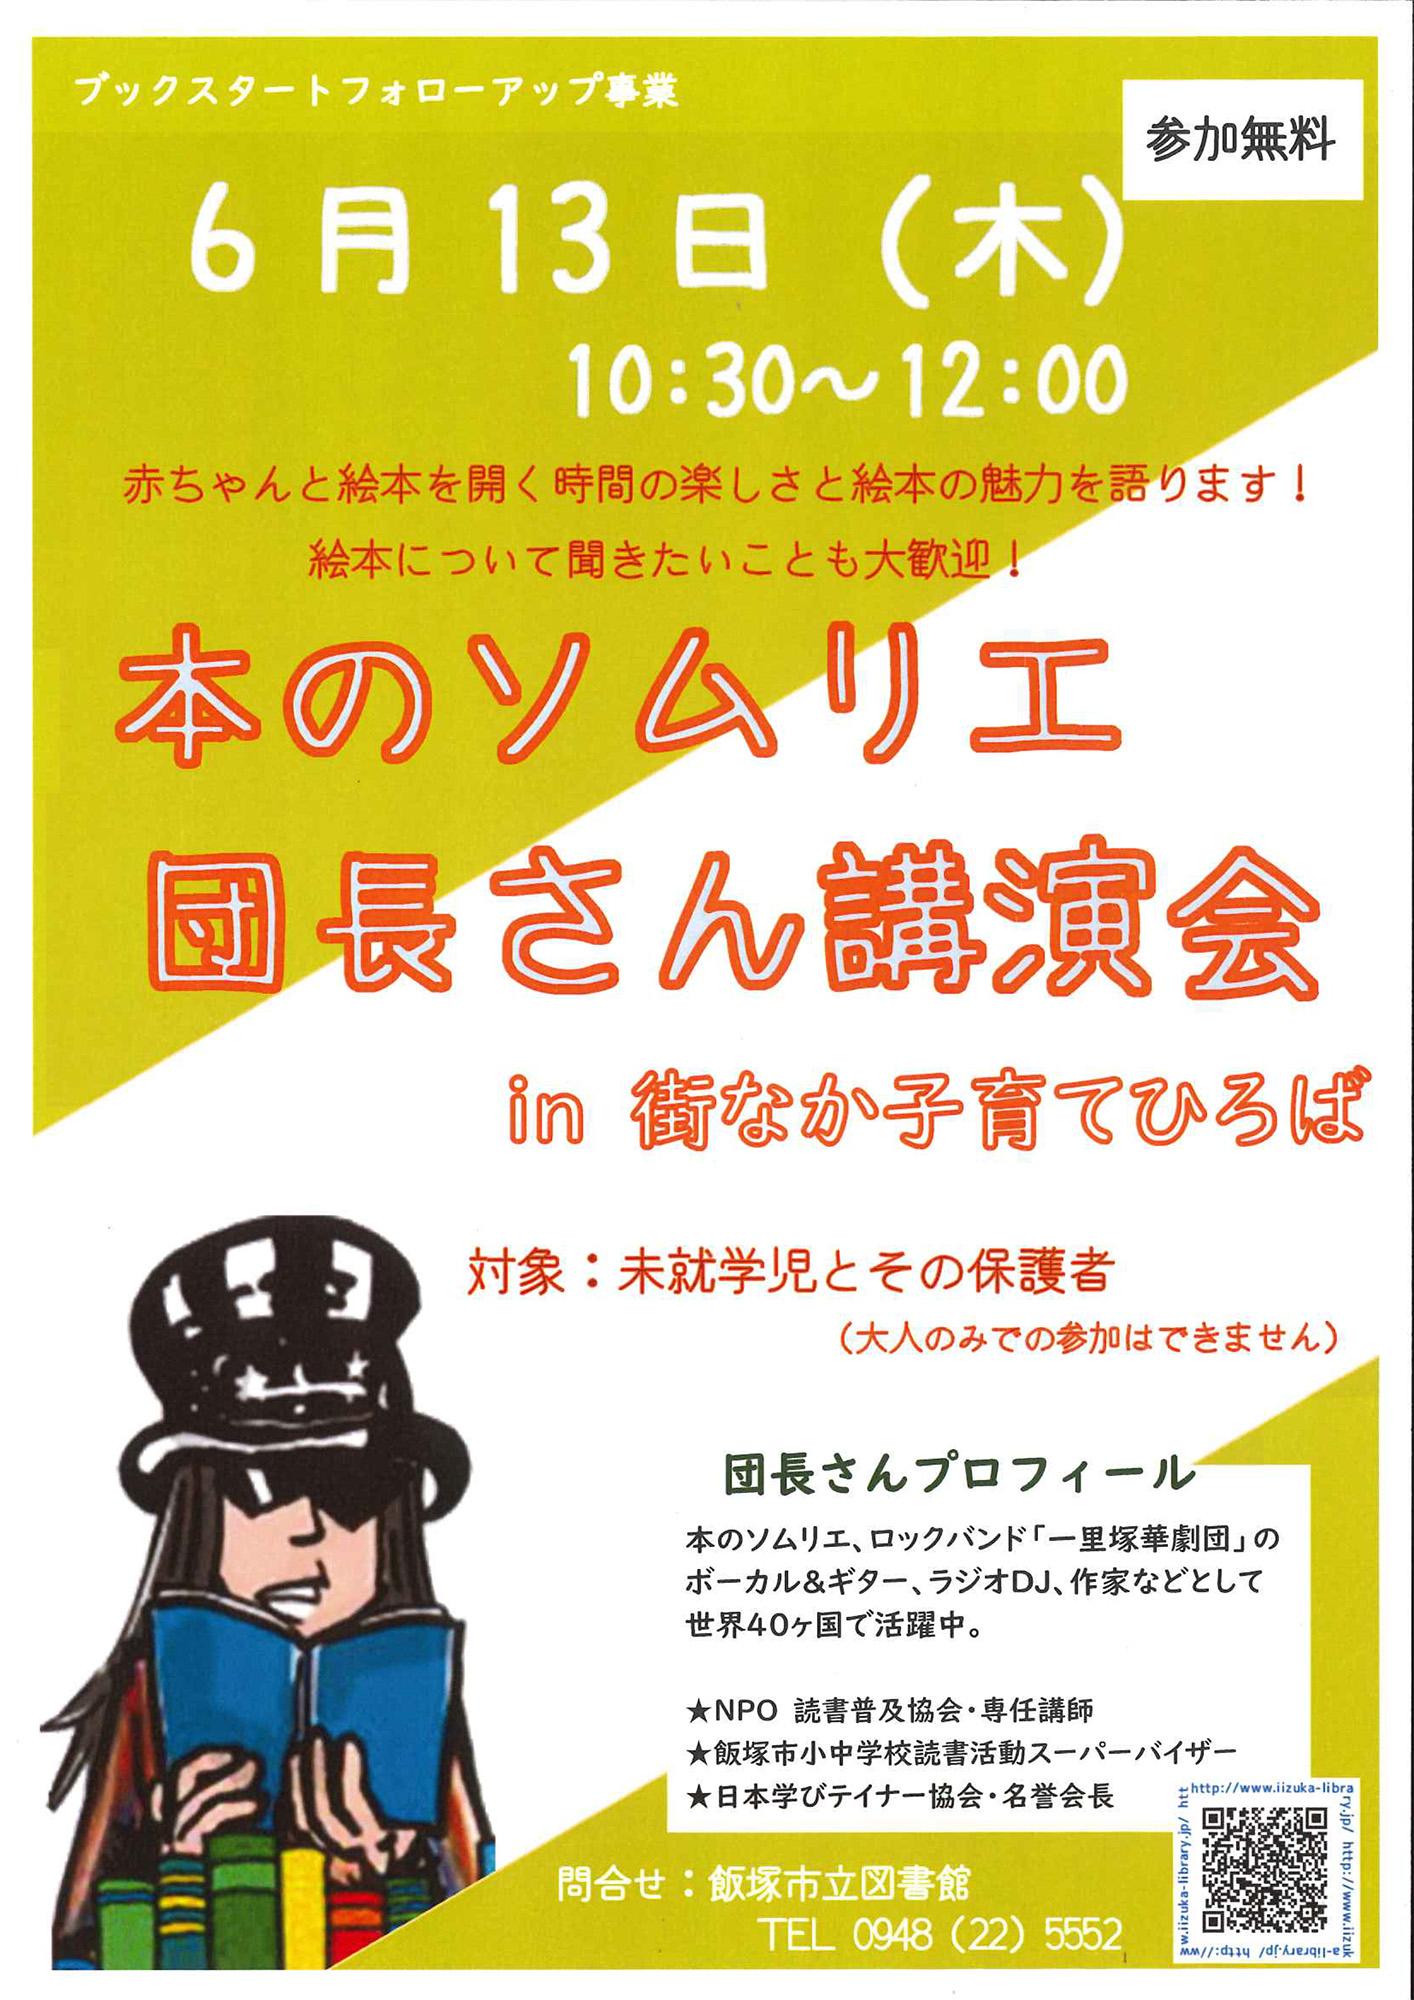 飯塚図書館 本のソムリエ 団長さん講演会